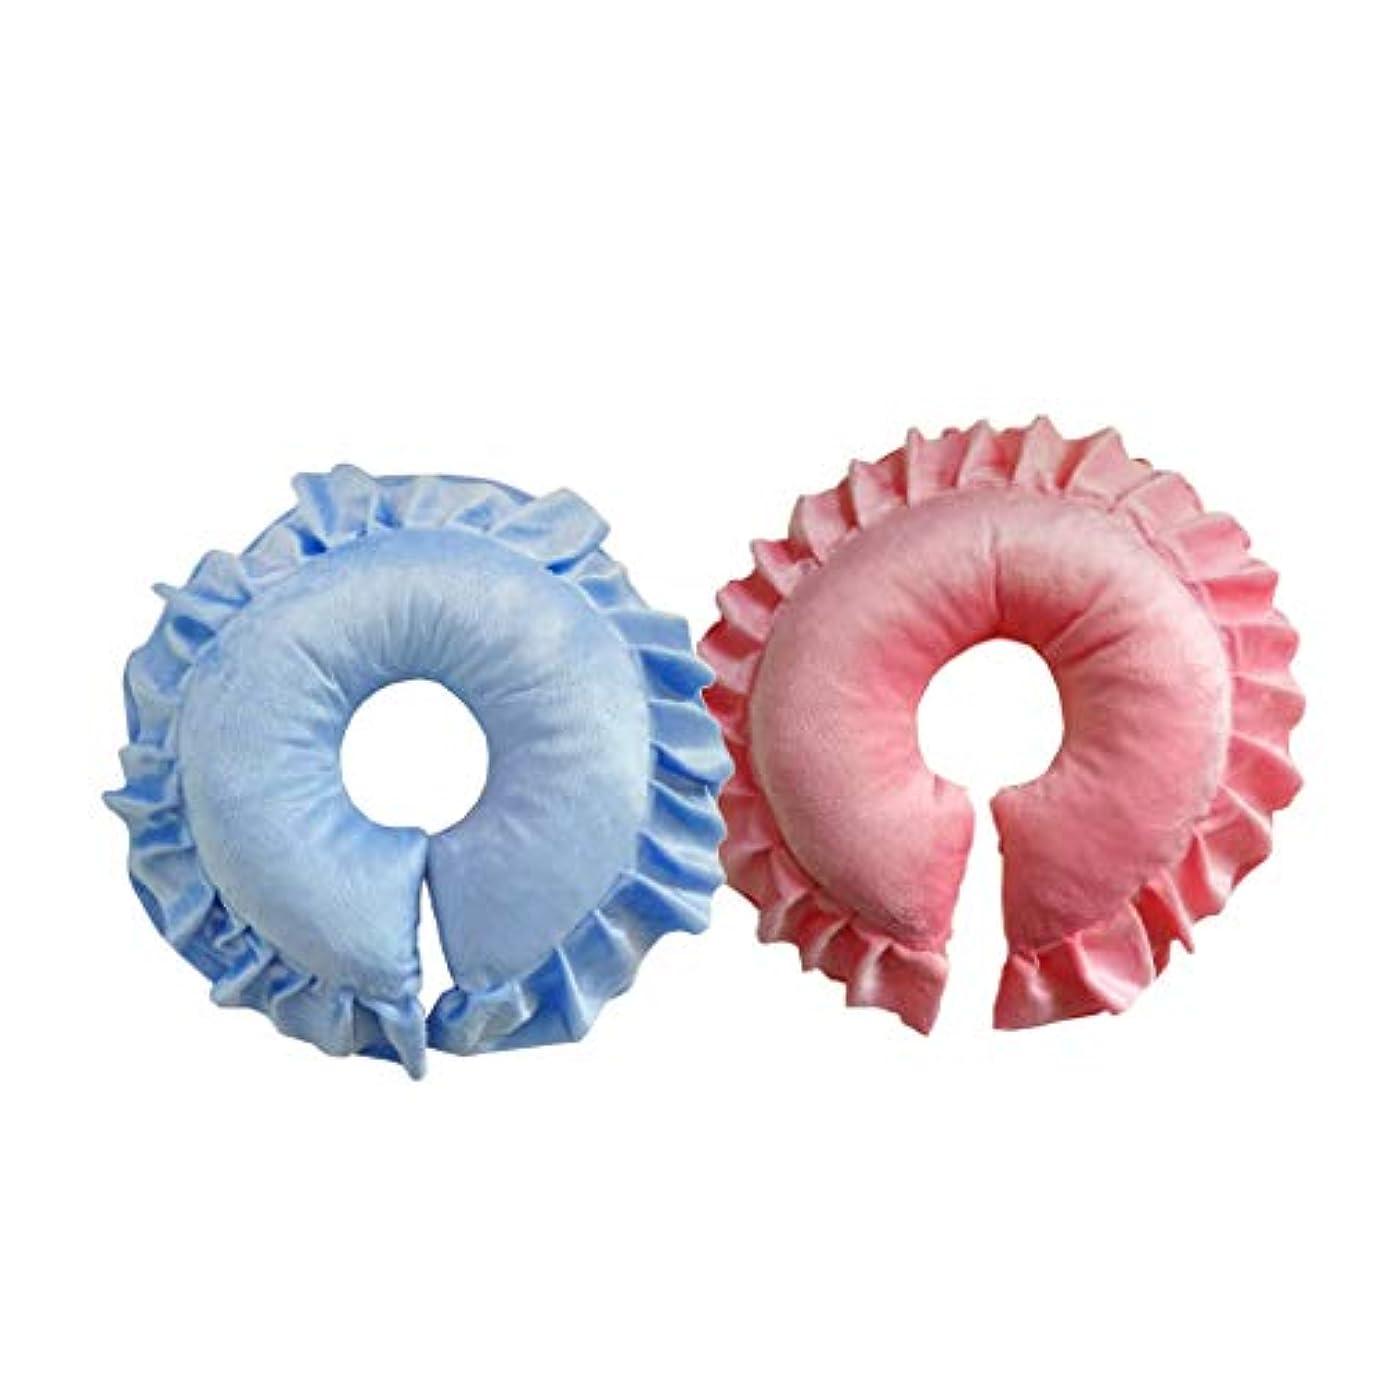 東ティモール種類過激派sharprepublic ブルー&ピンクスパマッサージクロスフェイスリラックスクッションピロー快??適なボルスター